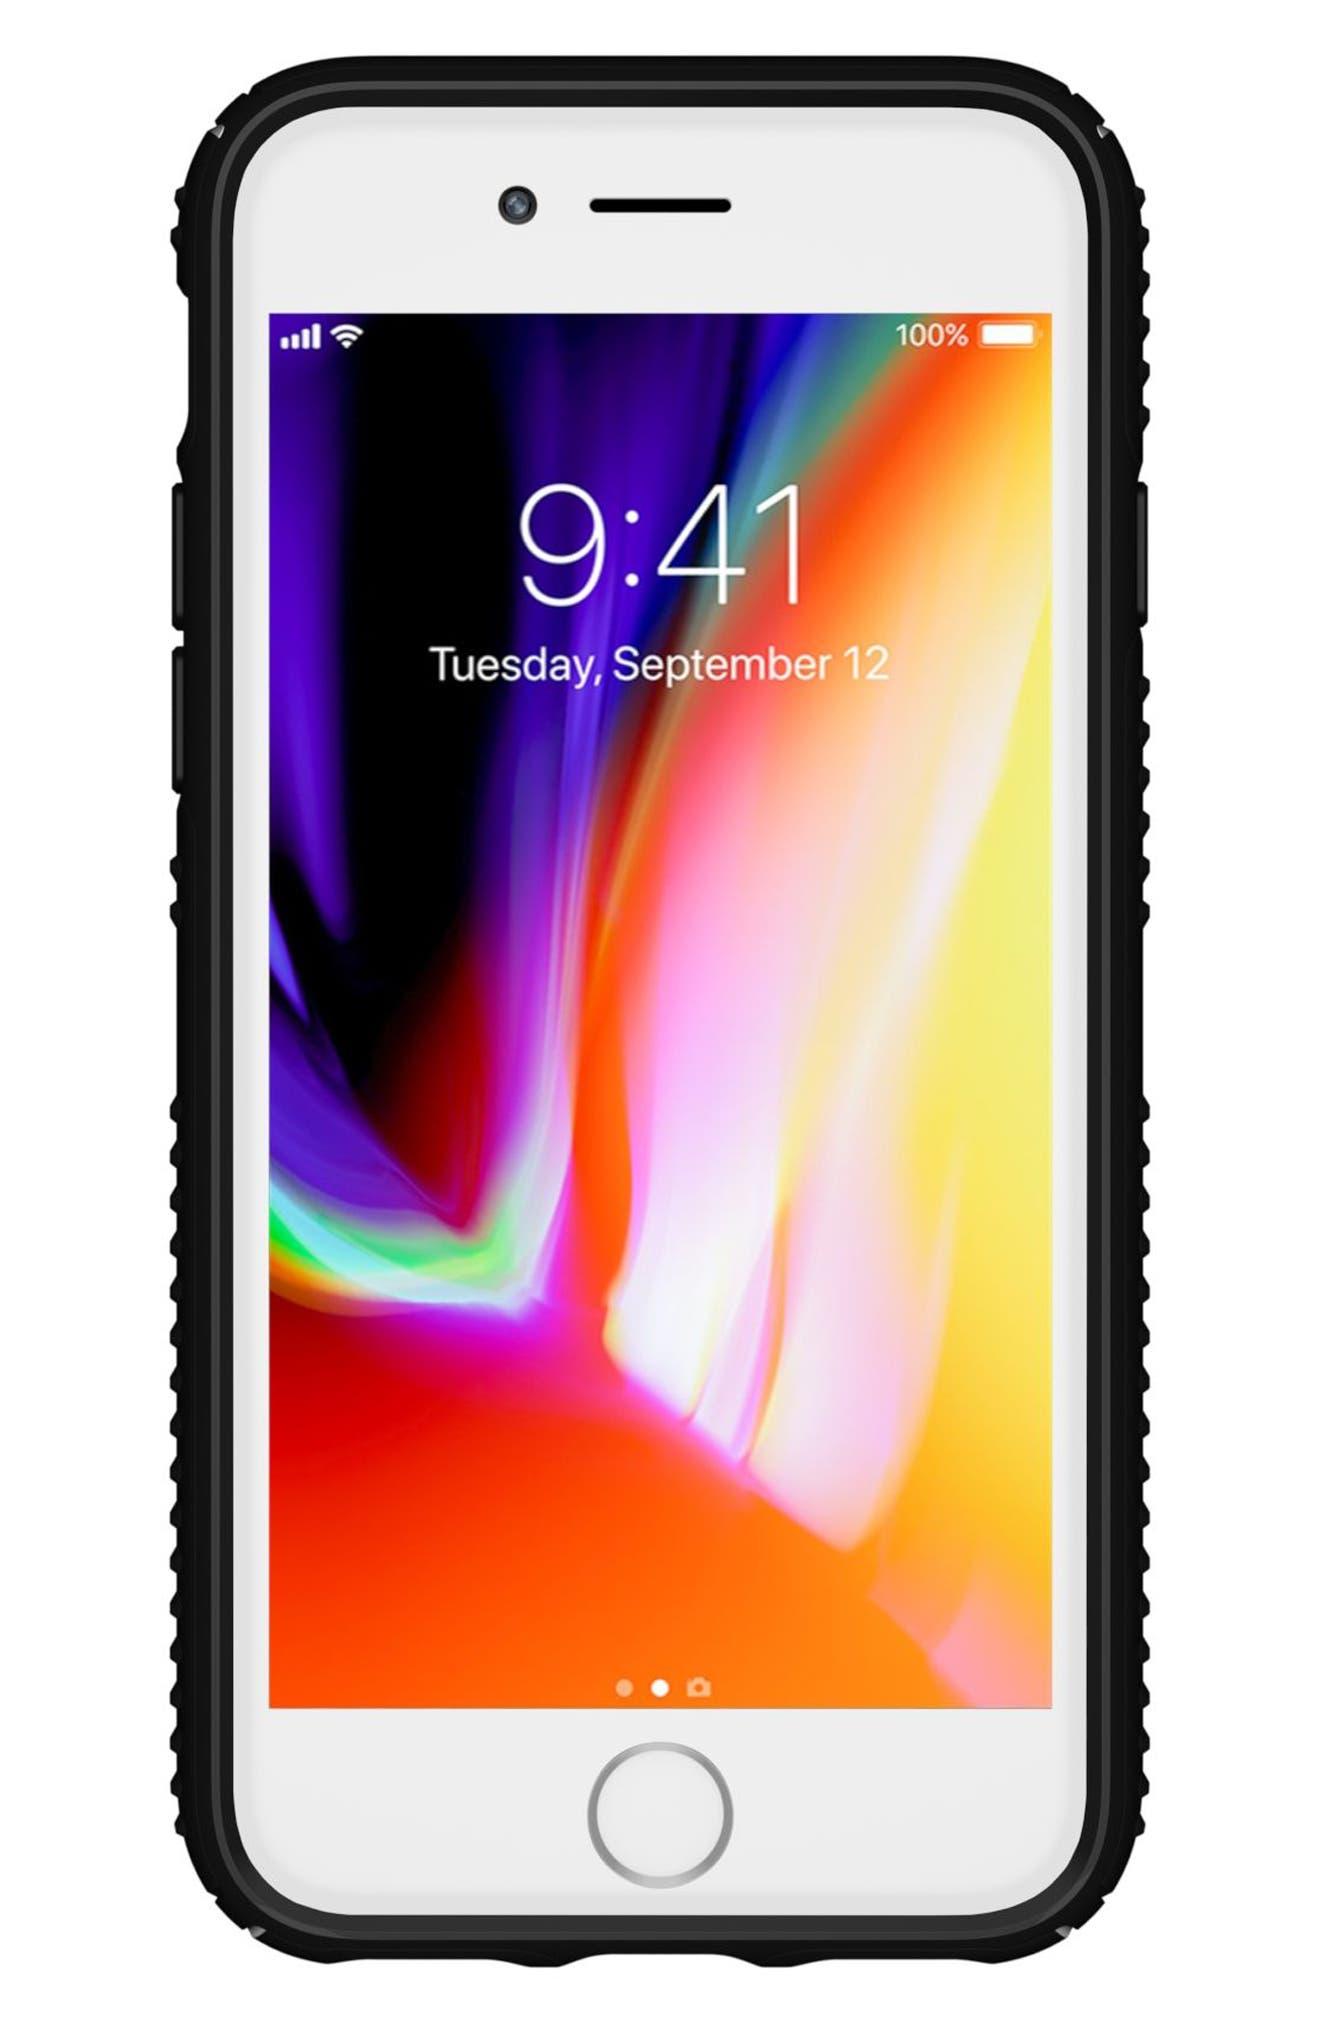 Grip iPhone 6/6s/7/8 Case,                             Alternate thumbnail 3, color,                             BLACK/ BLACK